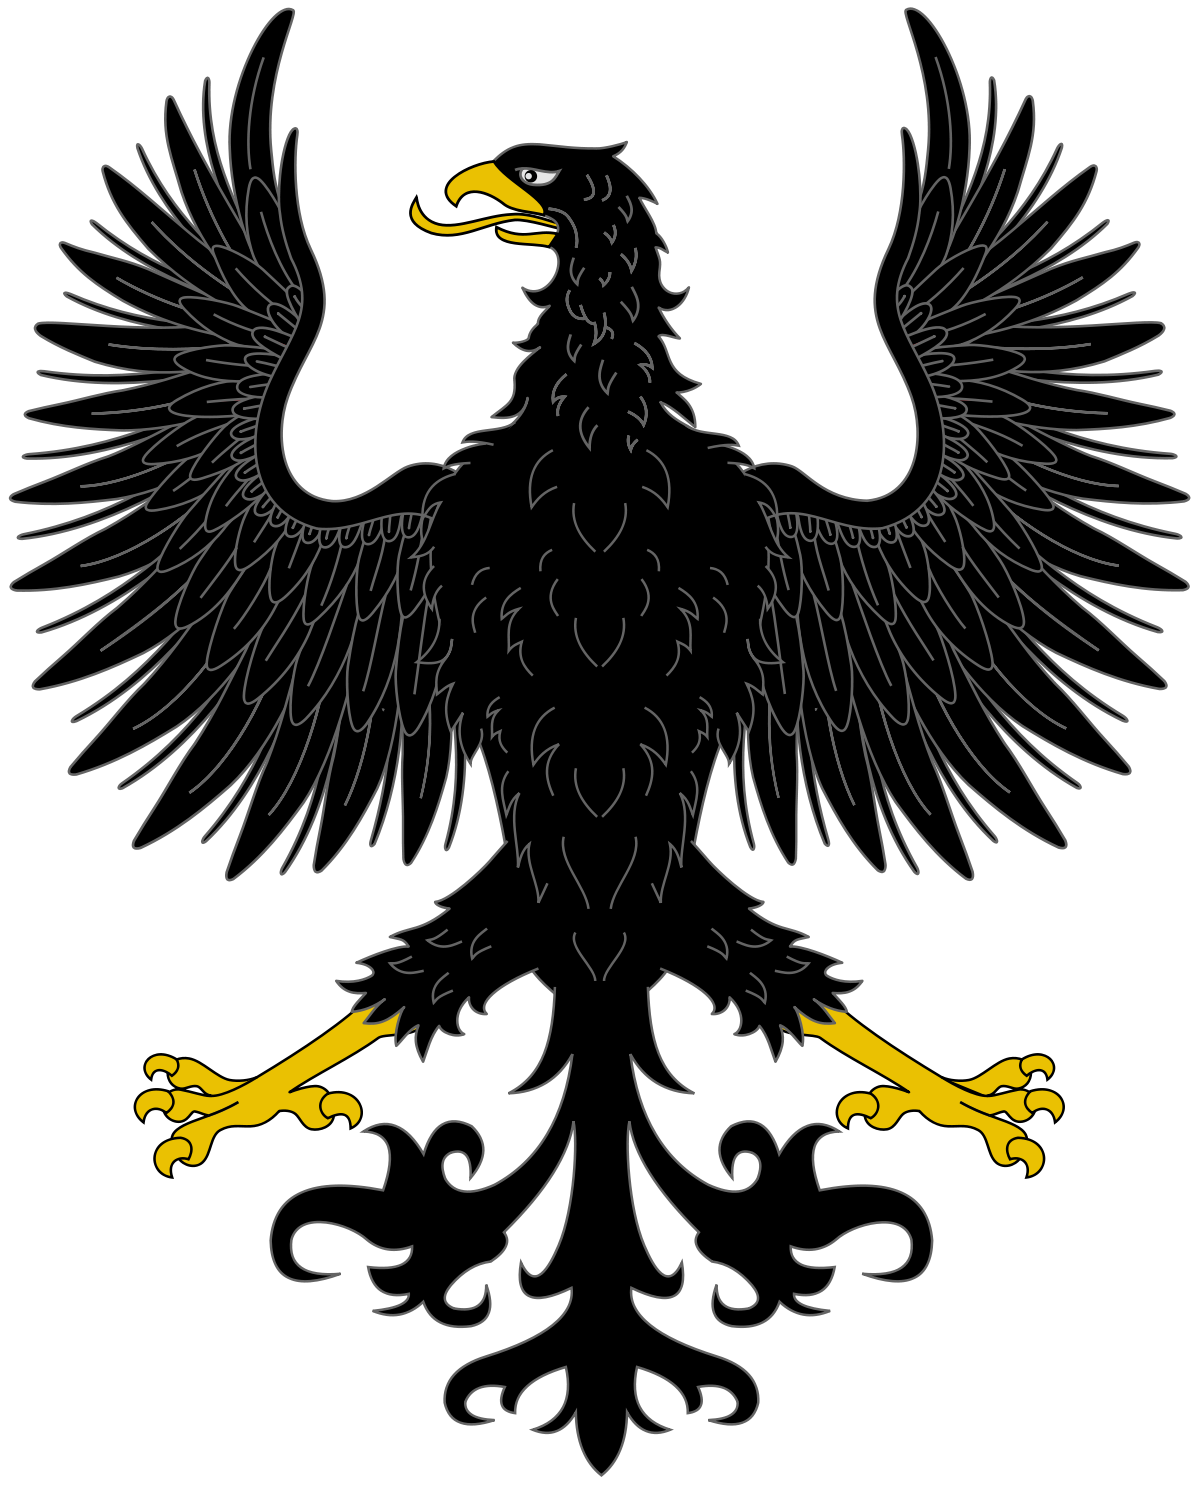 предлагаем большой картинки орлов на гербах изображают в профиль лыцарских обычаях, традициях